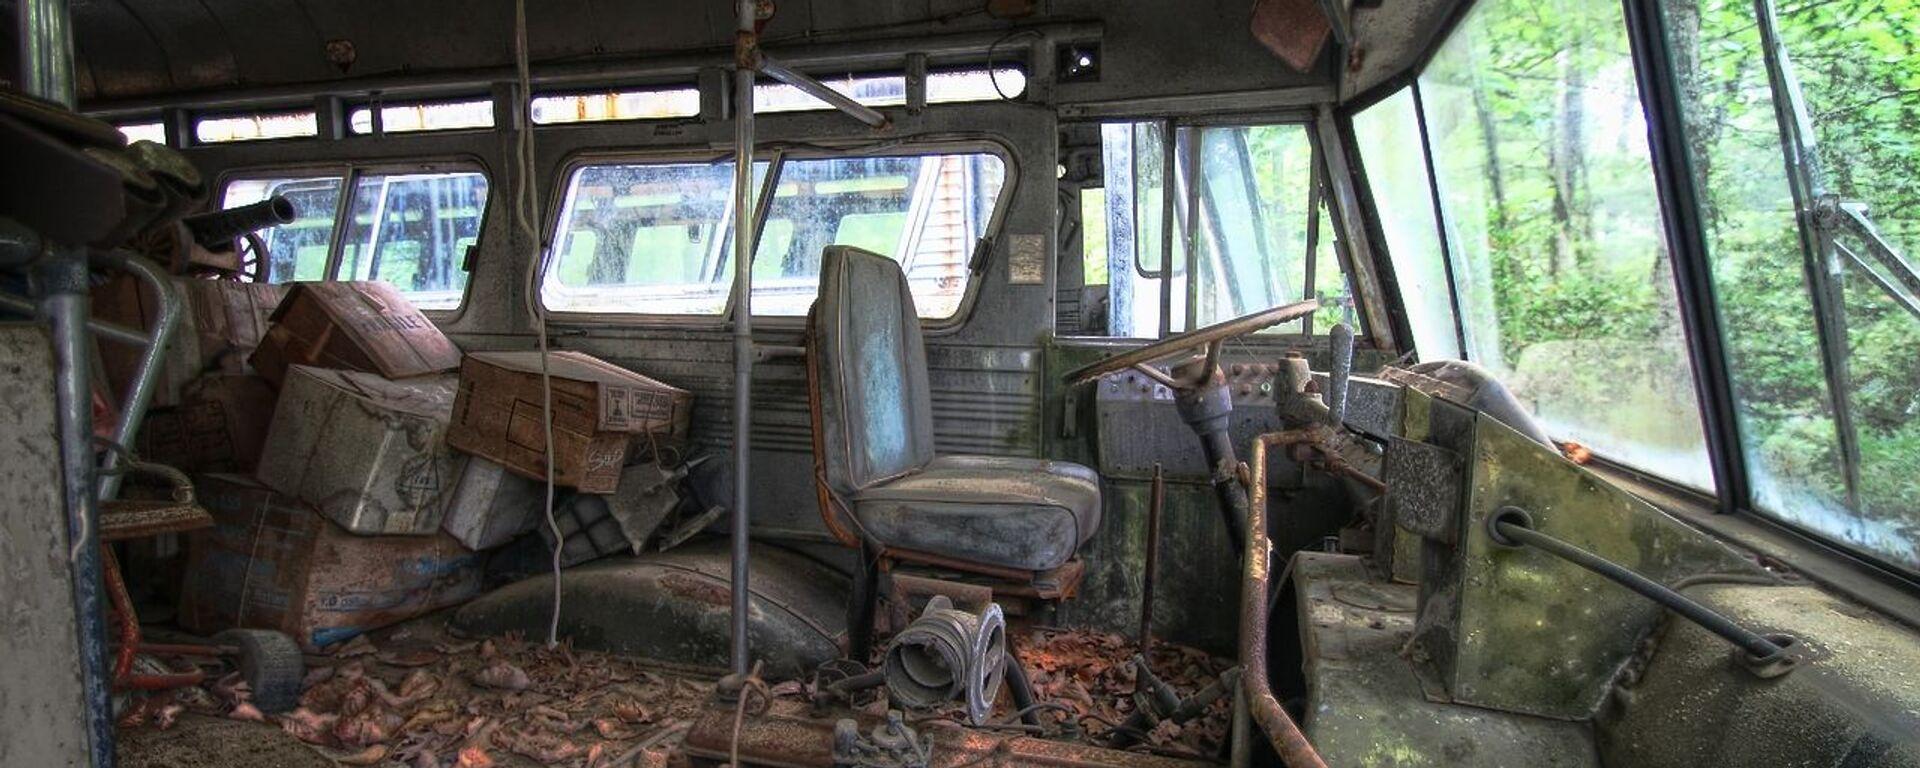 Un autobús abandonado, imagen referencial - Sputnik Mundo, 1920, 29.05.2021